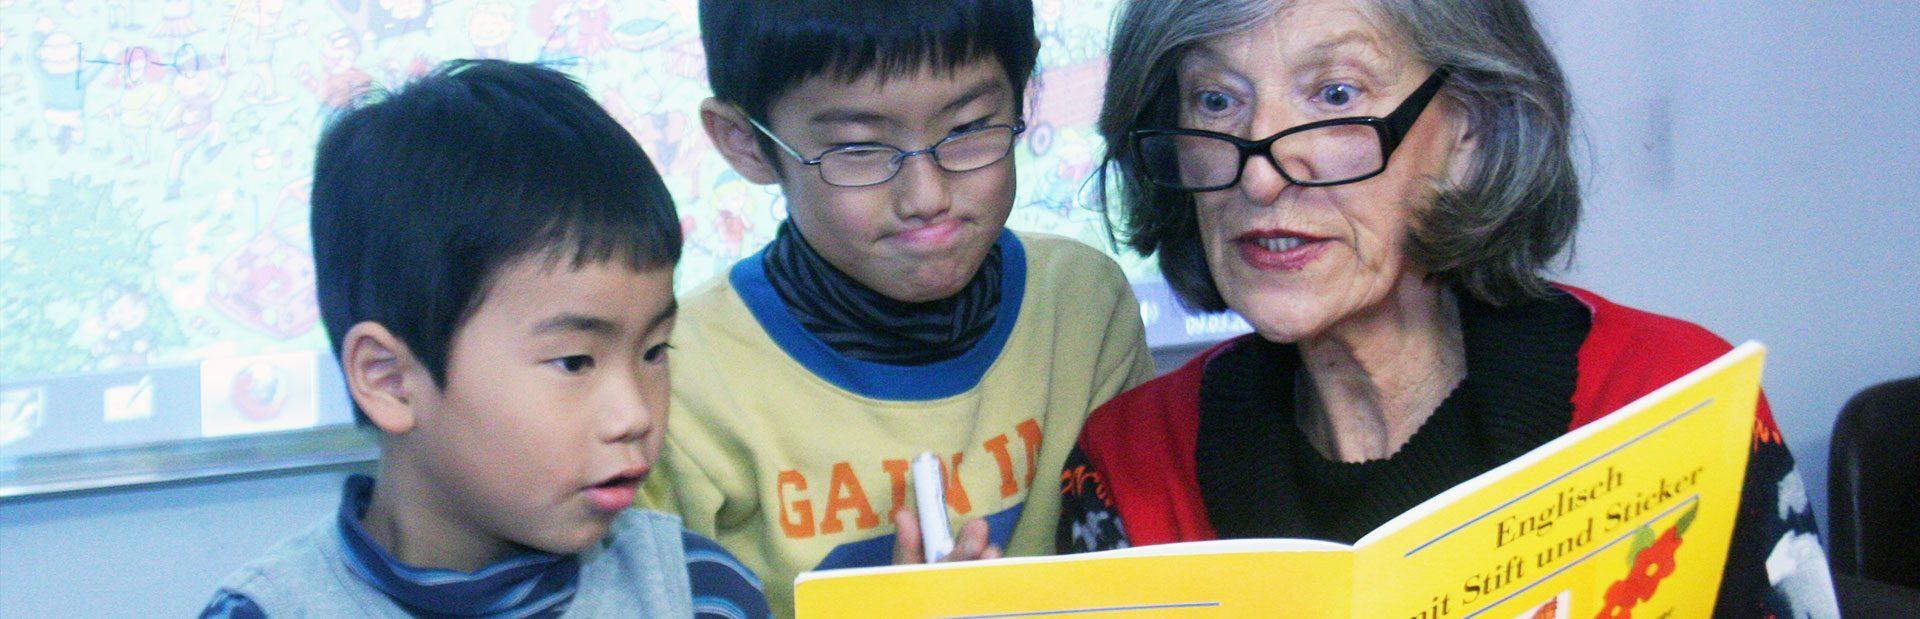 DESK Sprachkurse, Kinderunterricht, Tuition for Kids, Englischkurse, Deutschkurse